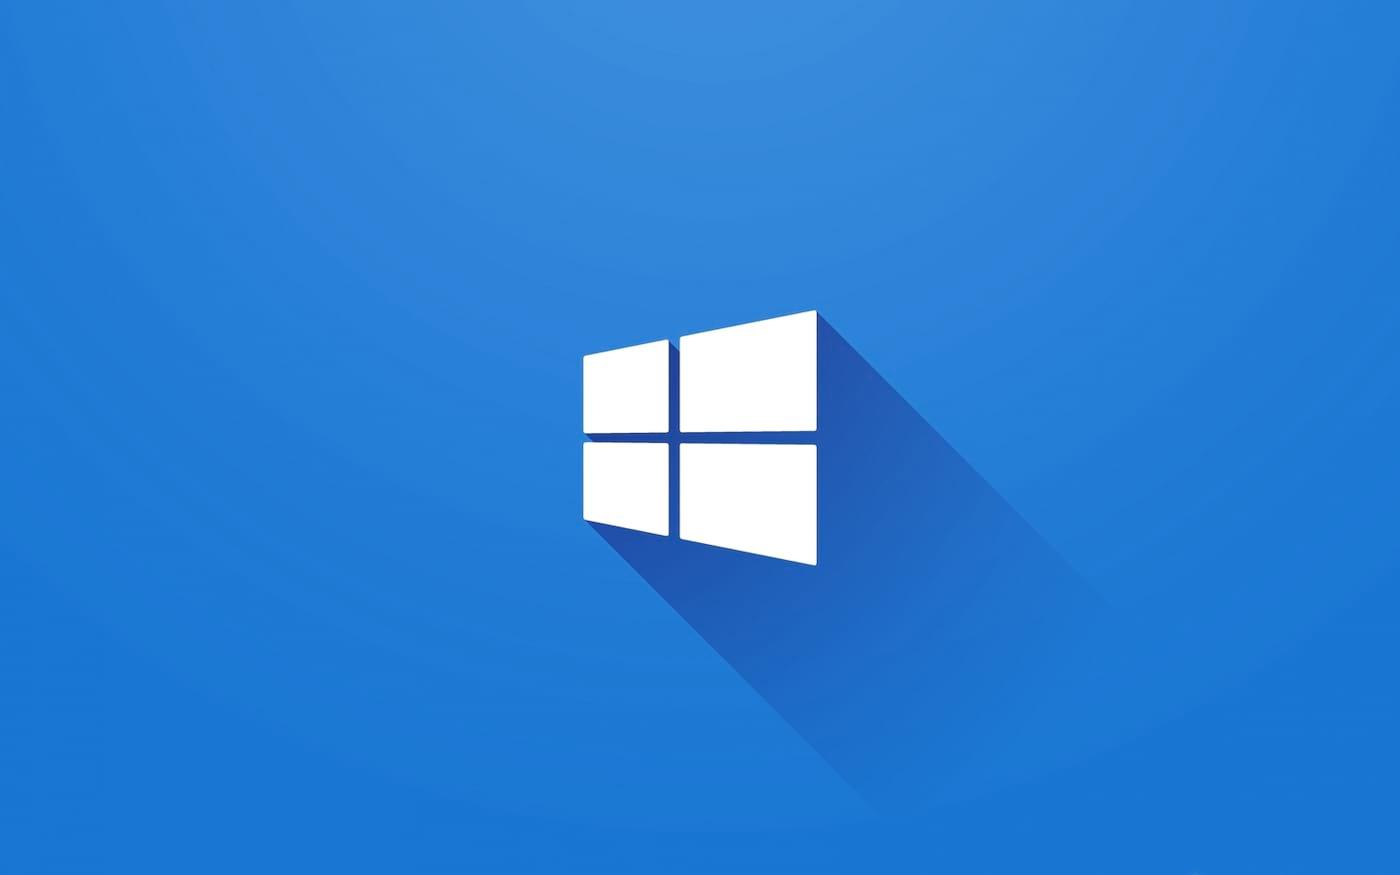 10 maneiras diferentes de abrir o Prompt de Comando no Windows 10